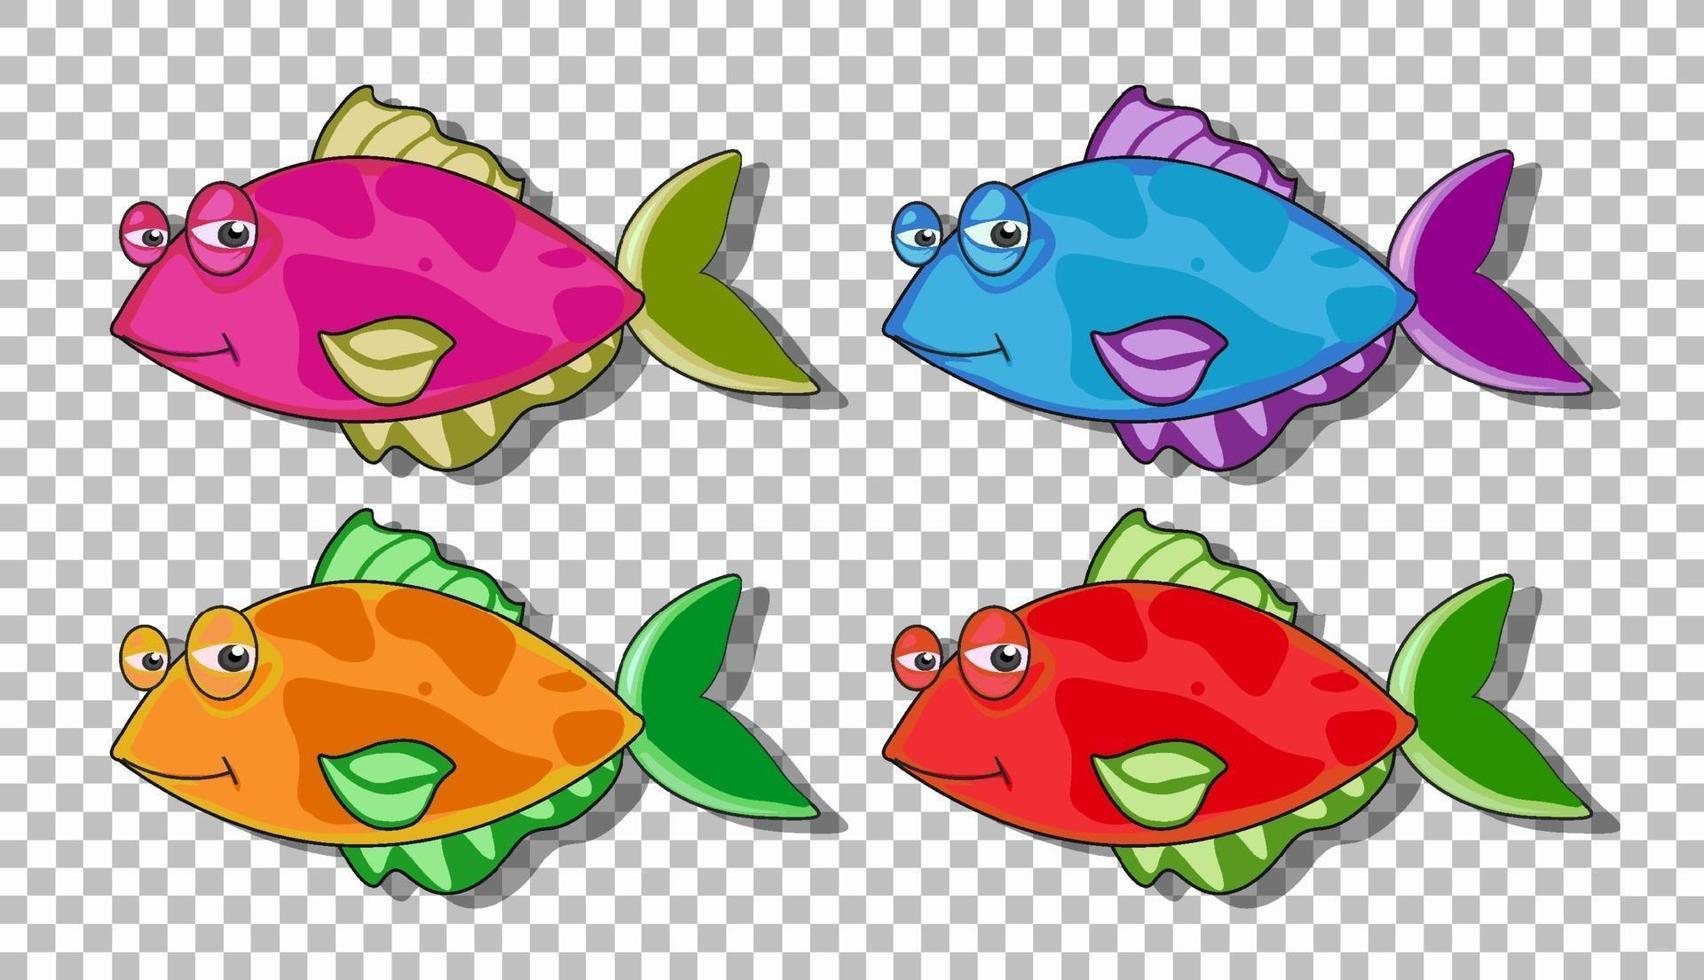 Conjunto de muchos personajes de dibujos animados de peces divertidos aislado sobre fondo transparente vector